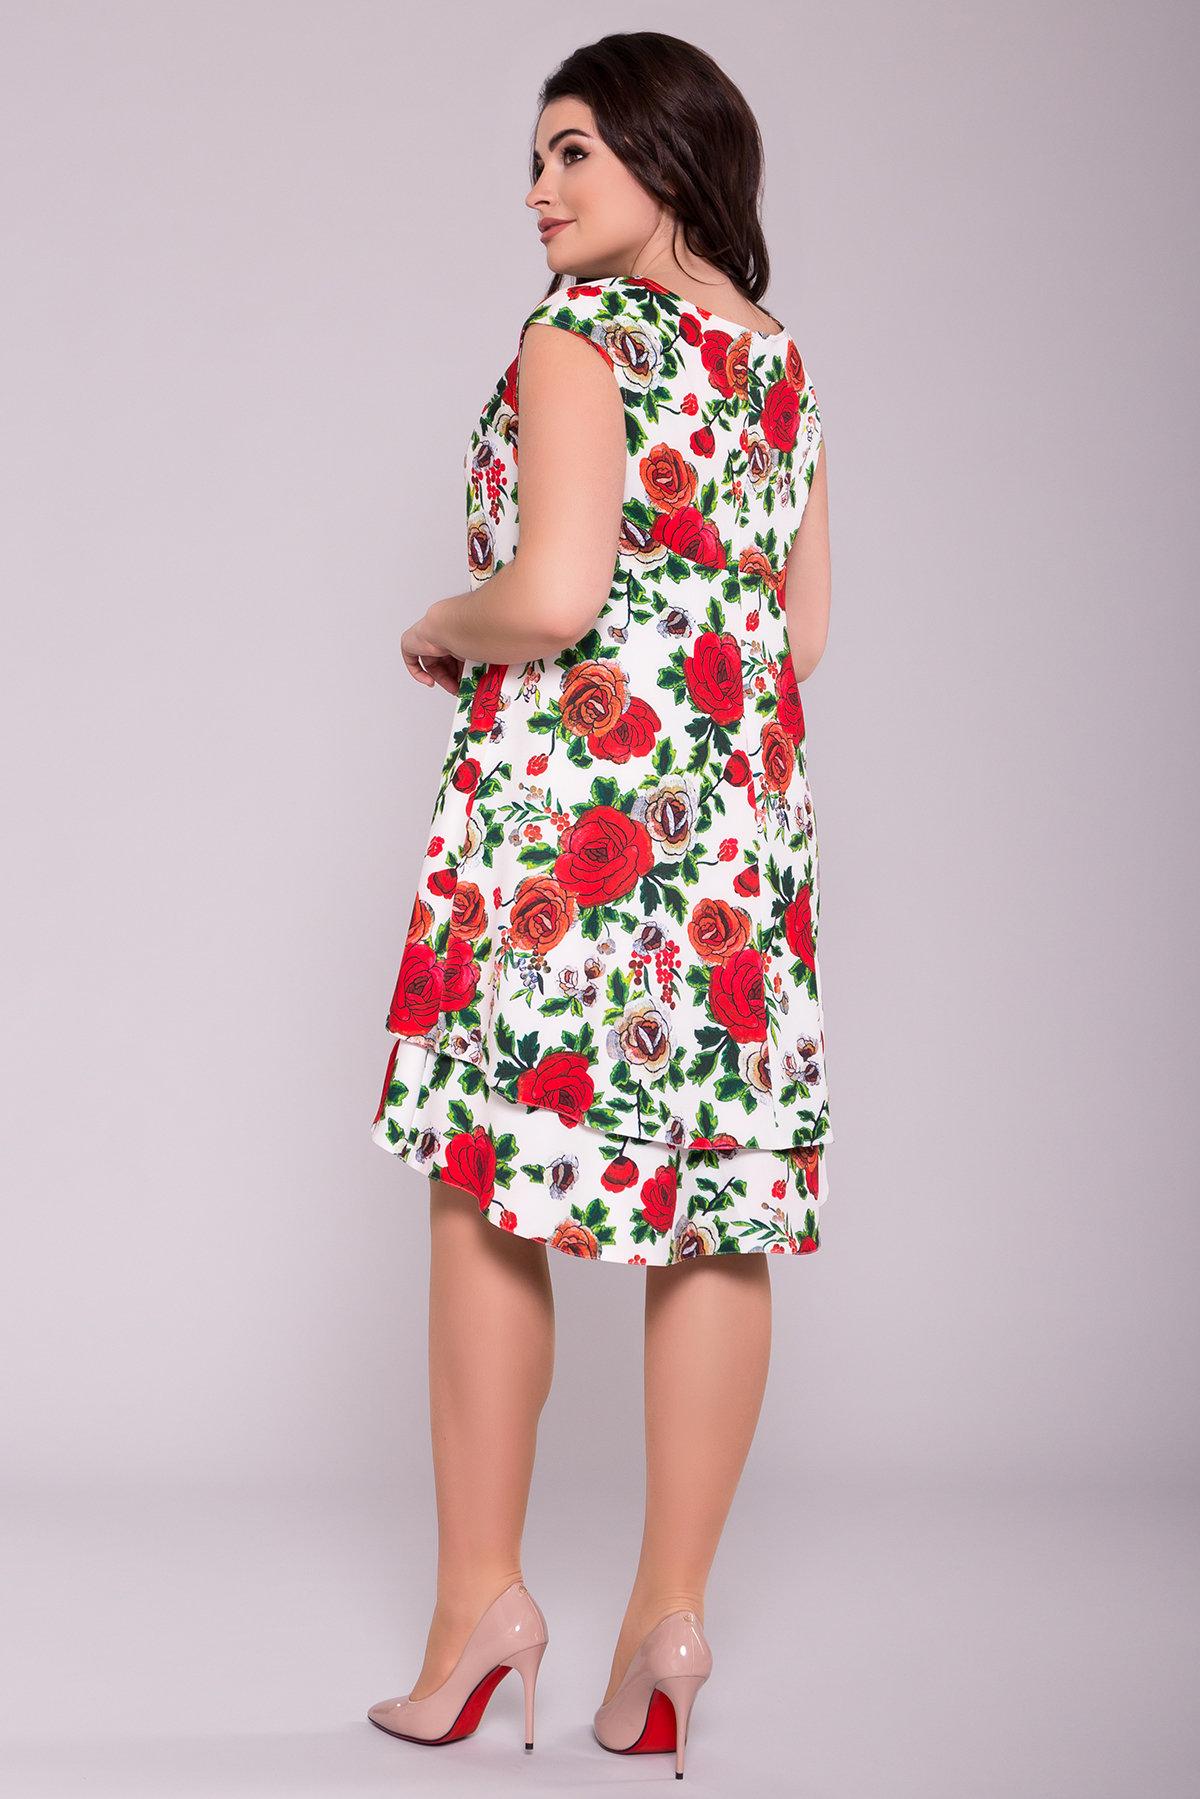 Платье Делафер DONNA 6885 АРТ. 42055 Цвет: Розы молоко/красный - фото 2, интернет магазин tm-modus.ru